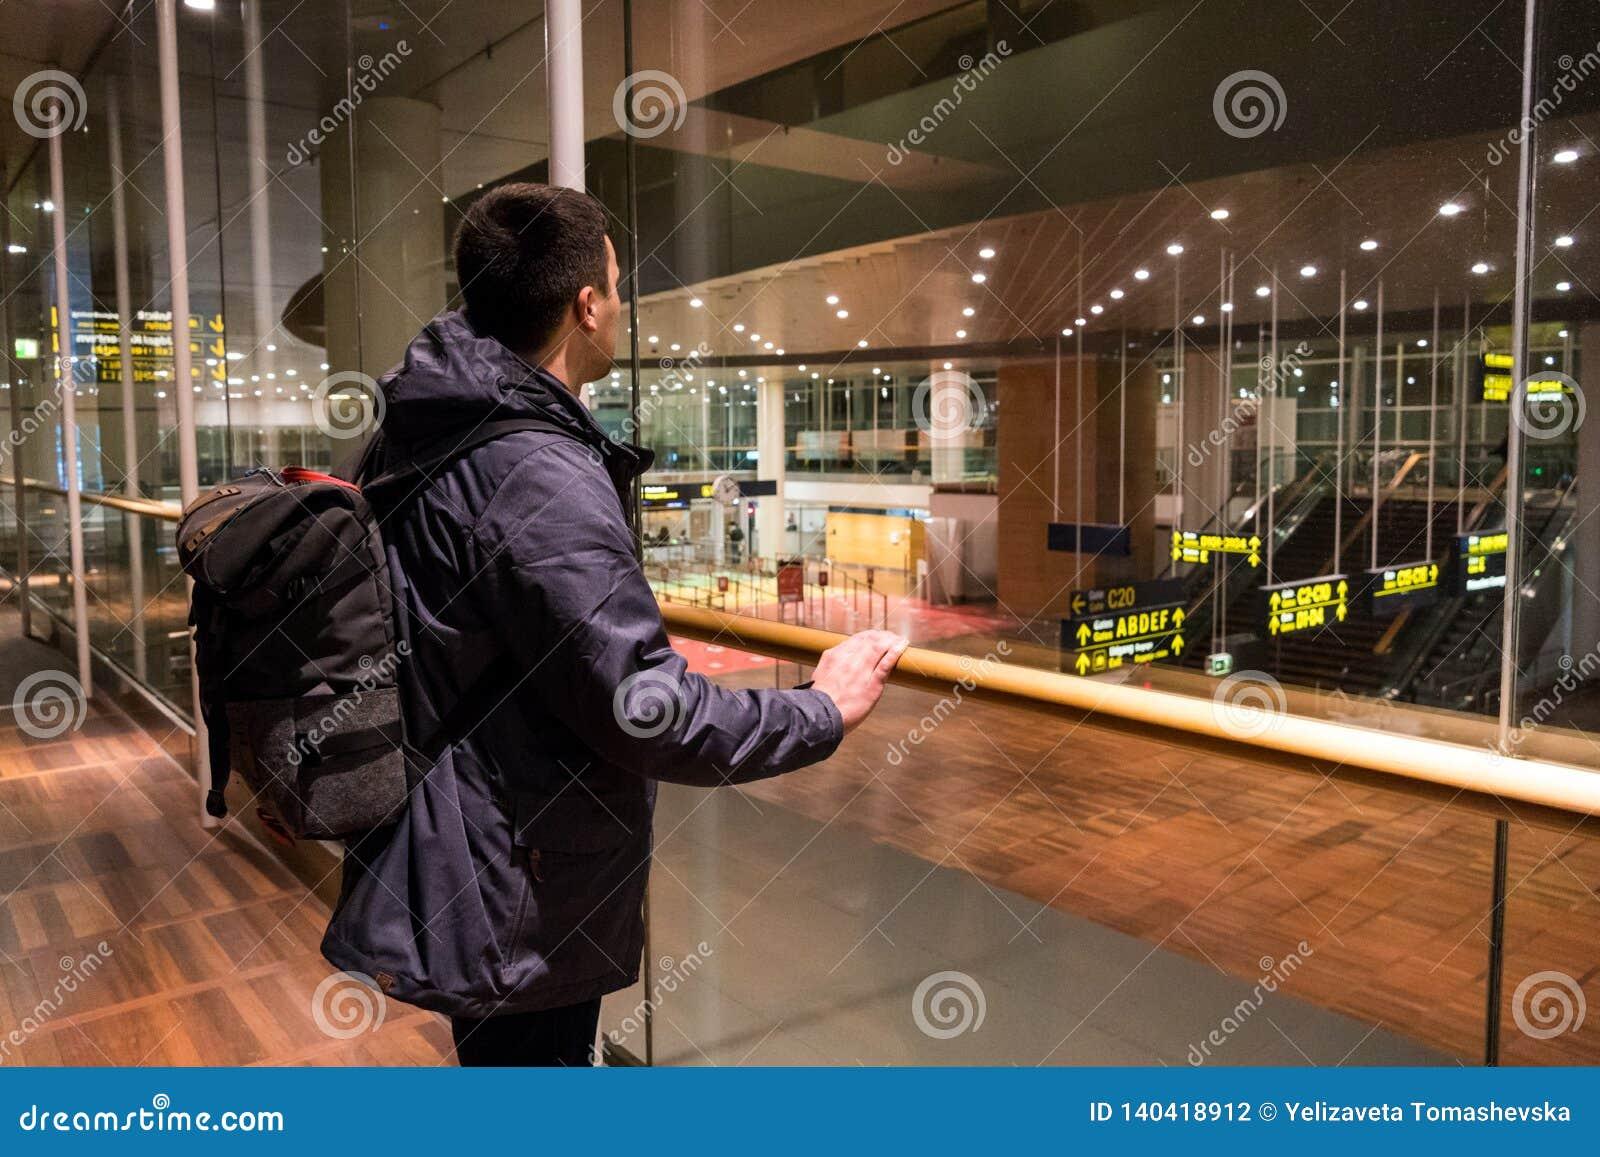 18 février 2019 Aéroport de Kastrup au Danemark, Copenhague Transport et architecture de thème Même vide vide de nuit abandonné